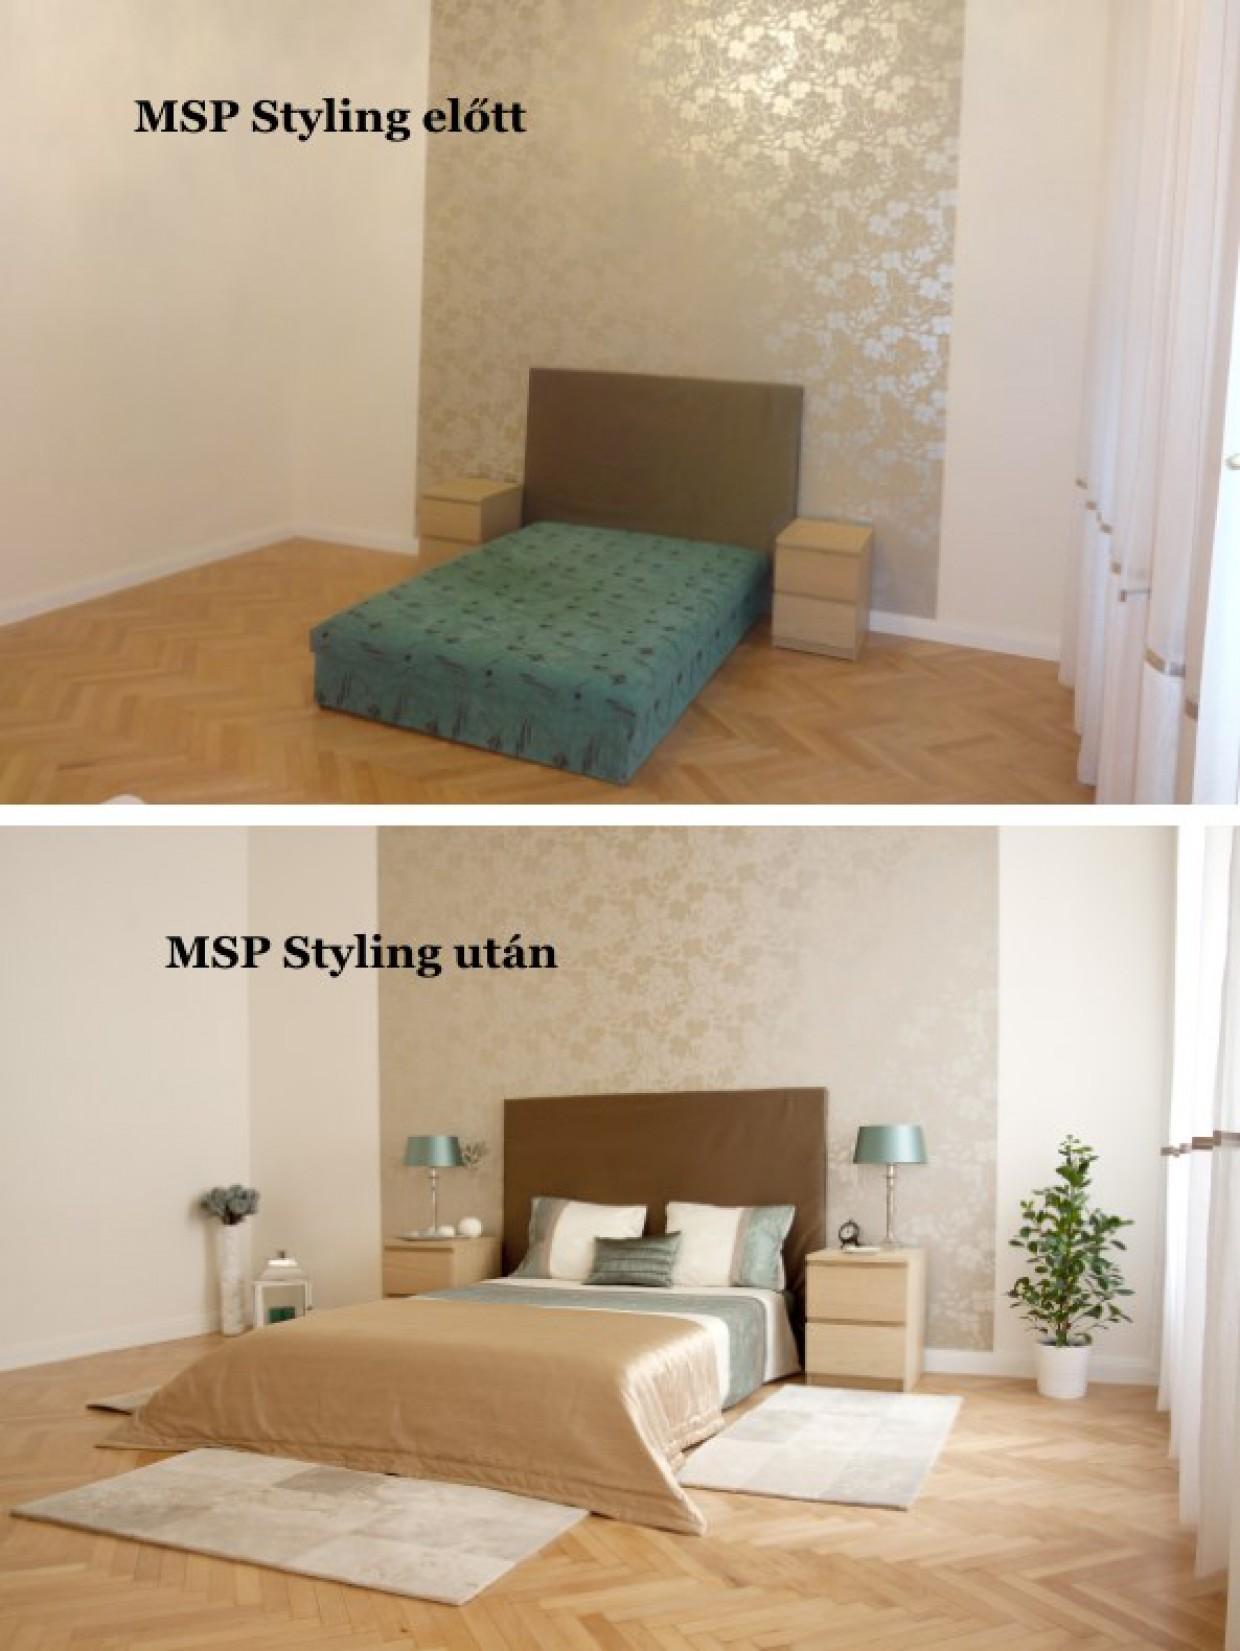 Mennyit számít az MSP Home Staging styling?